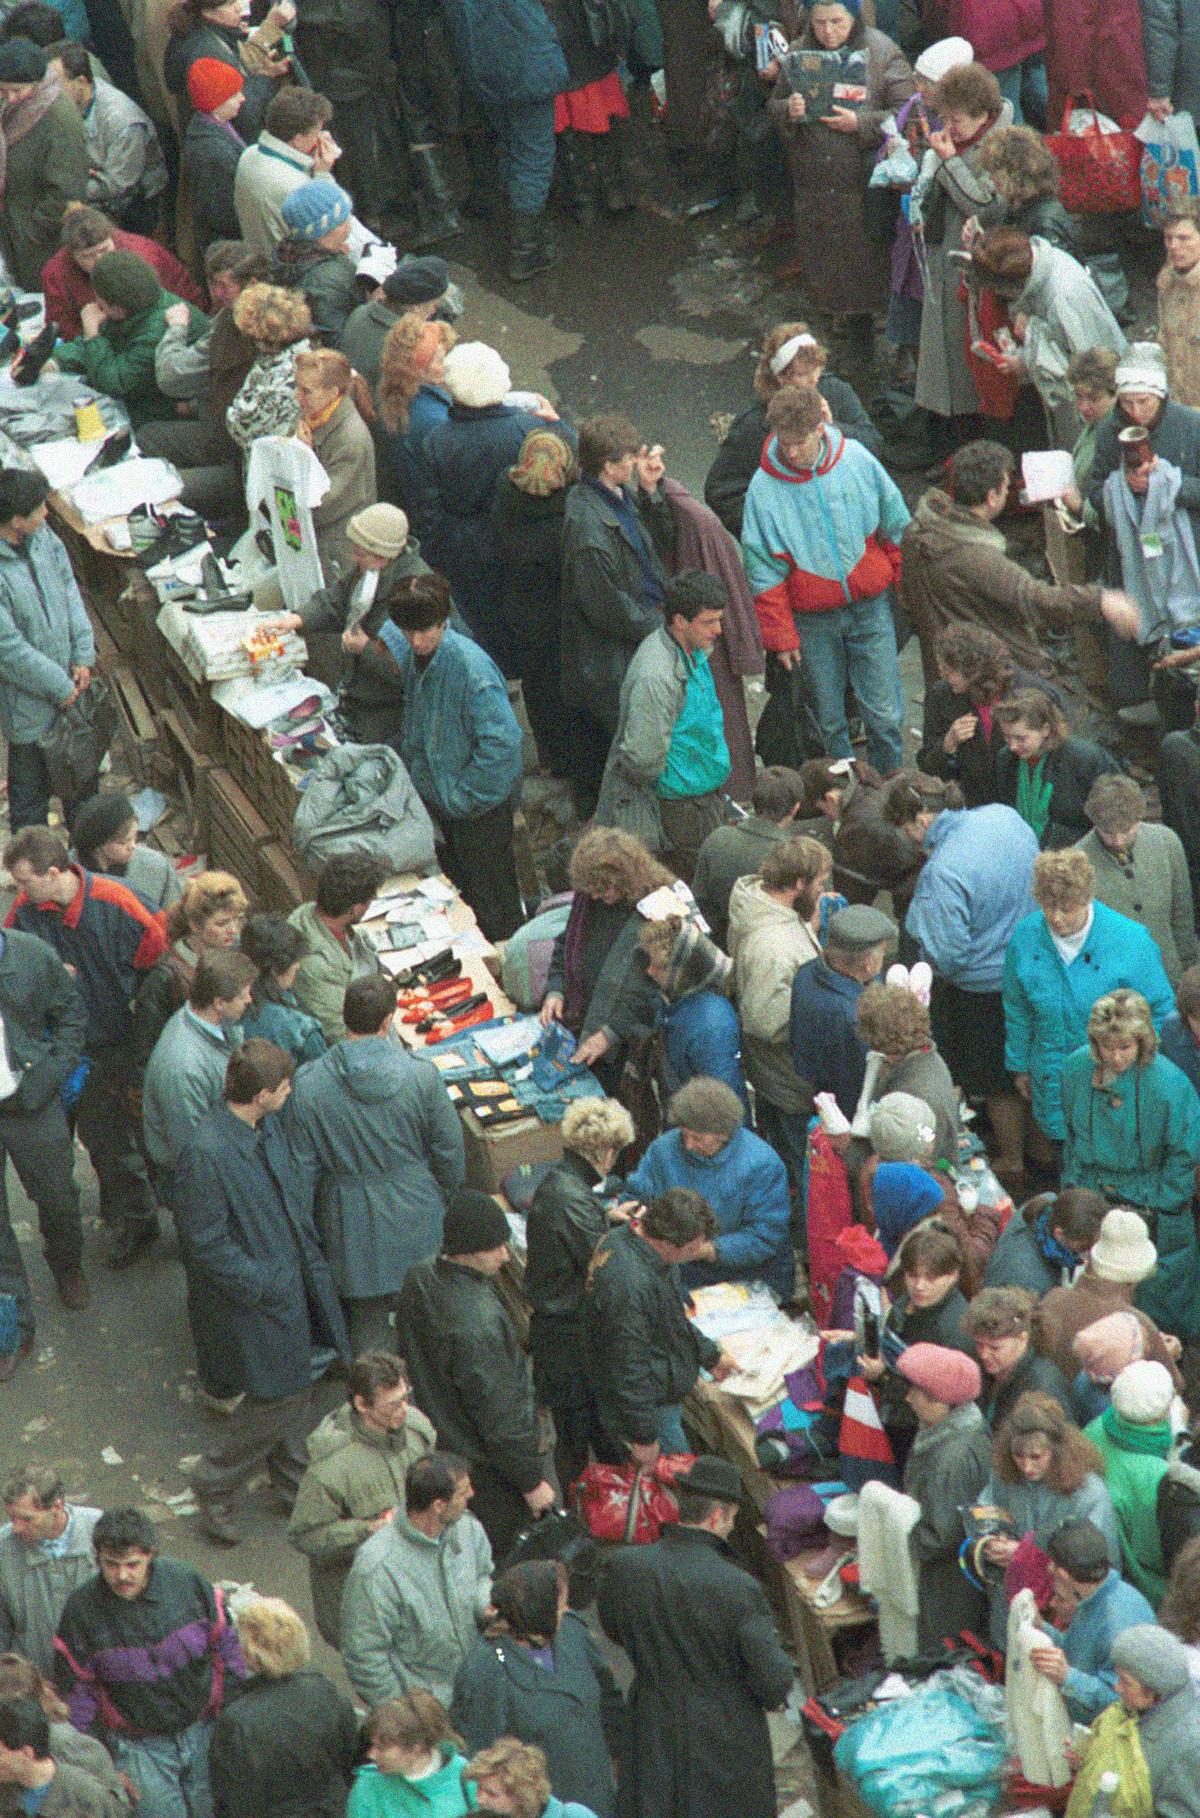 Suasana aktivitas jual beli di lapak-lapak jalanan dekat department store pusat